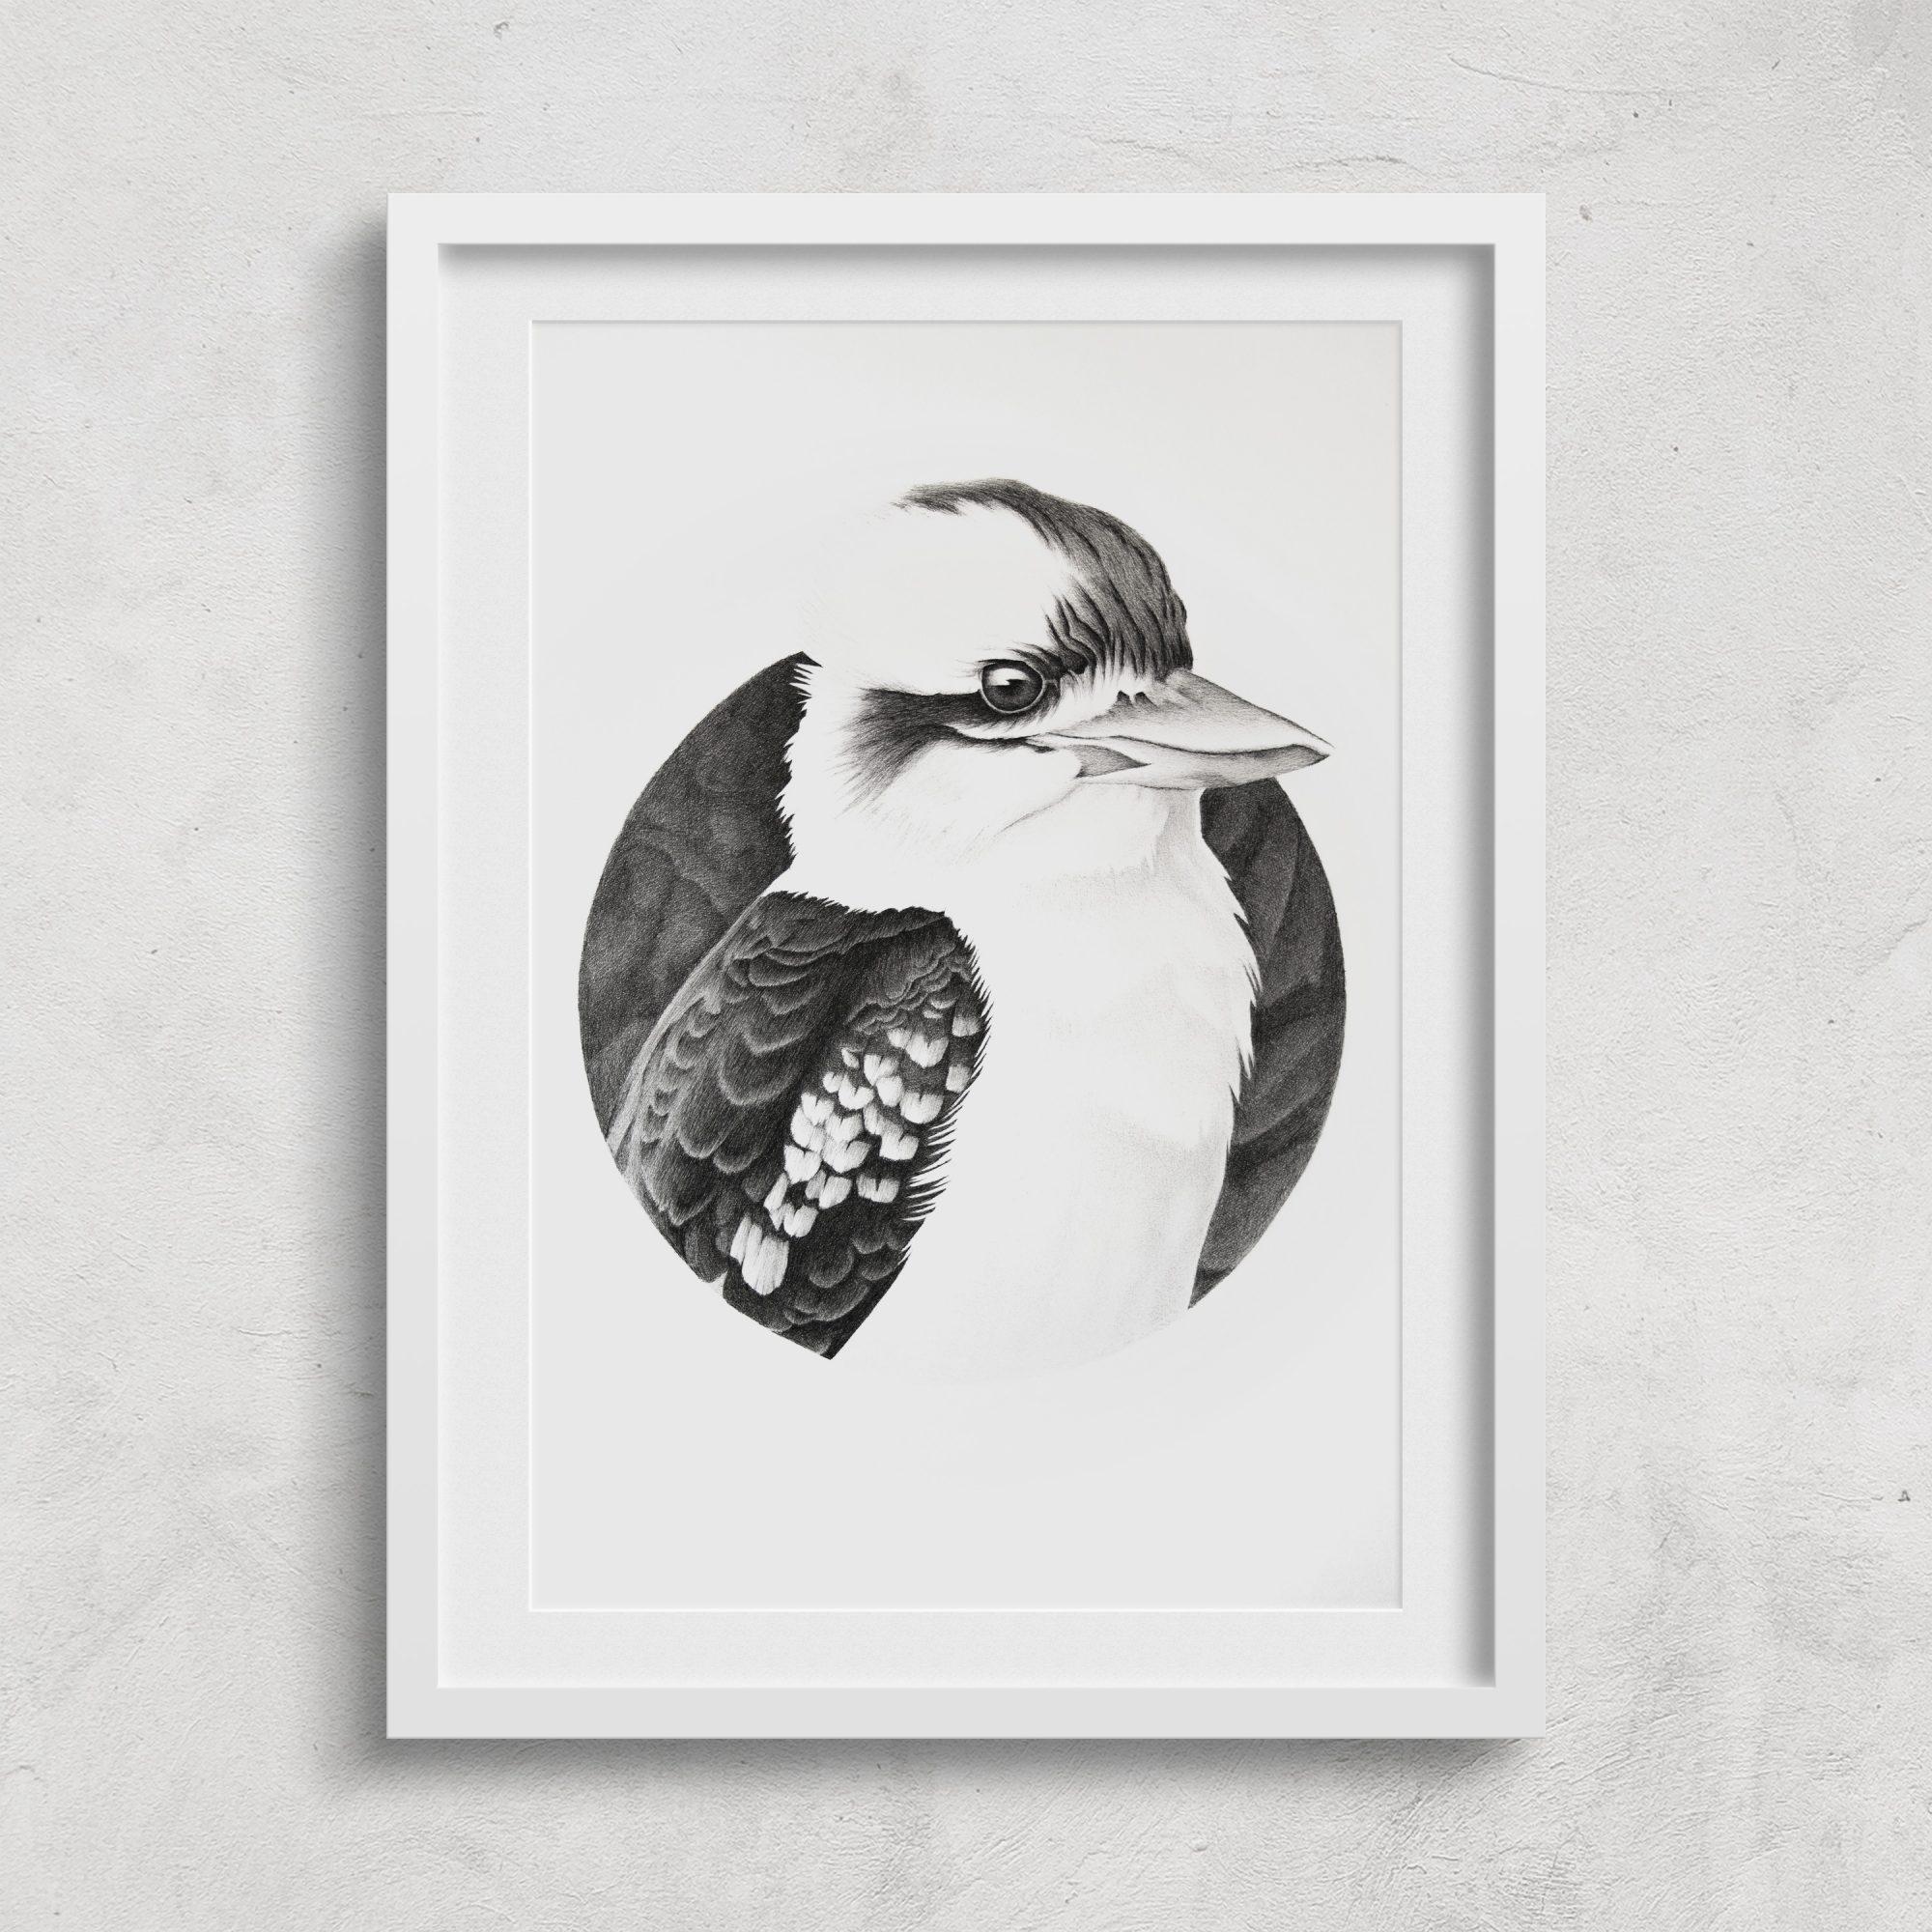 2018_kookaburra_framed_01